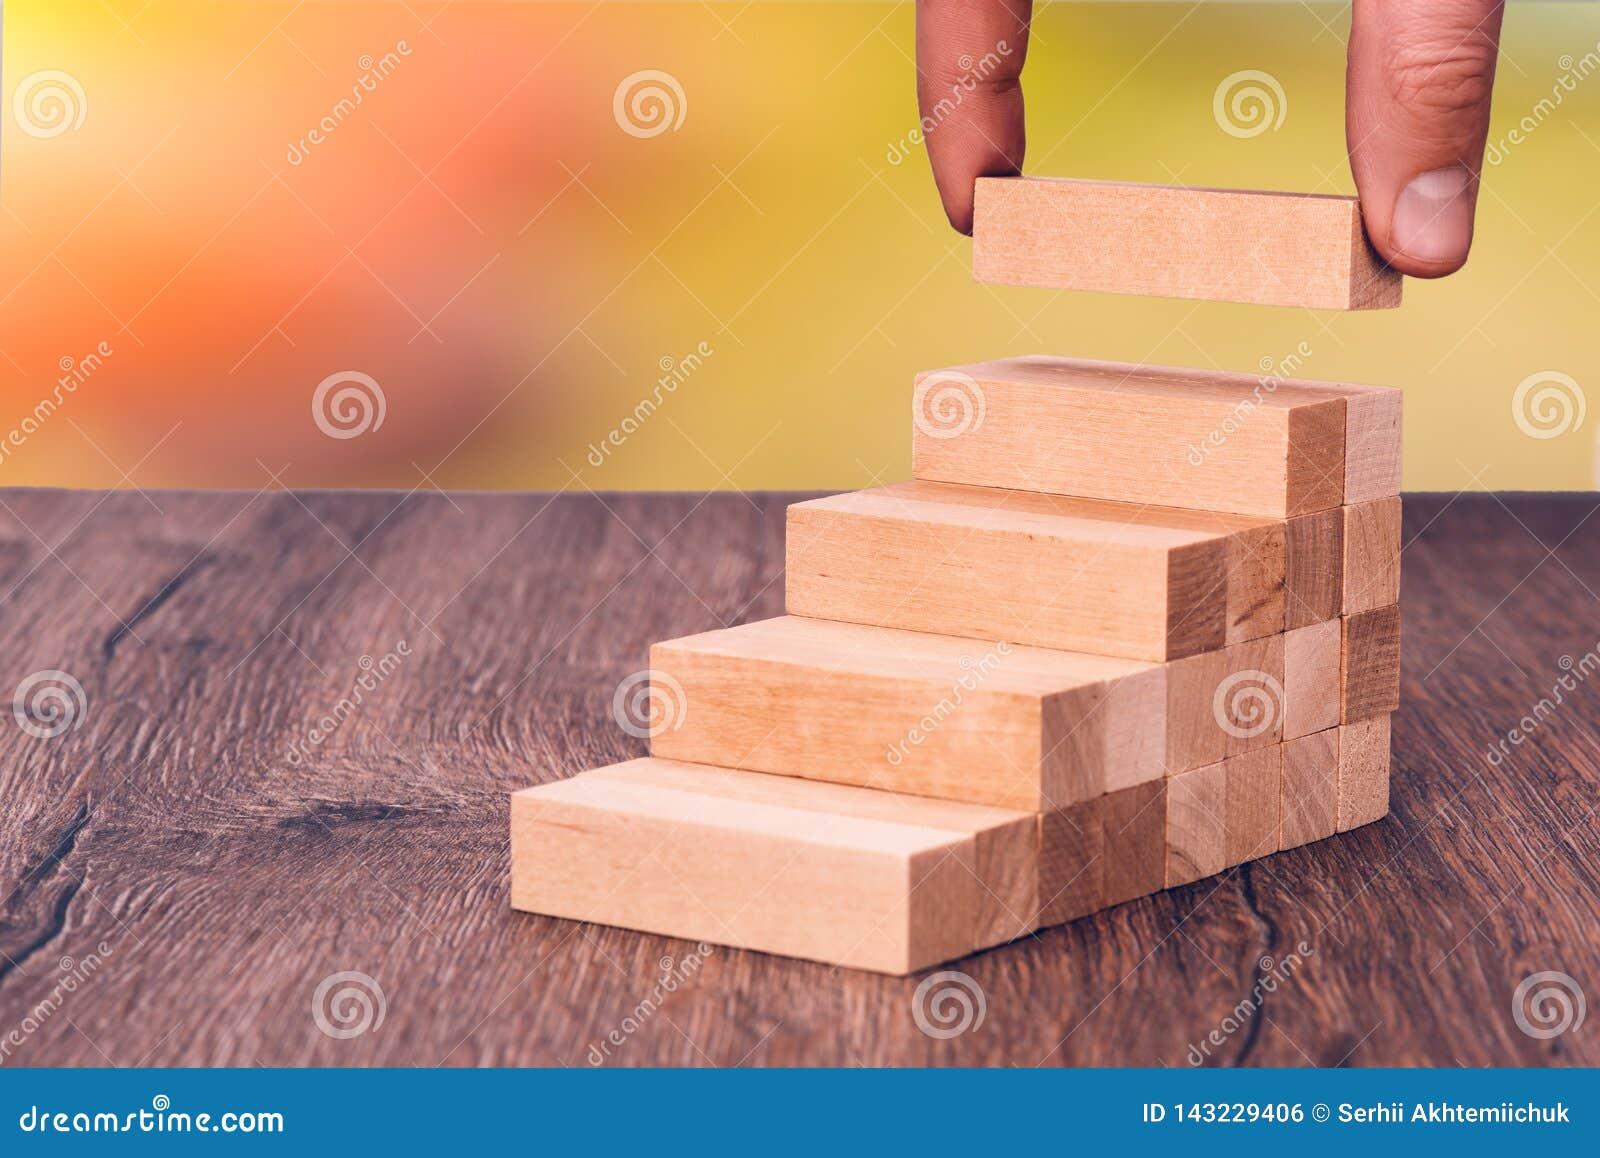 Mannen bygger en trästege Begrepp: stabil utveckling